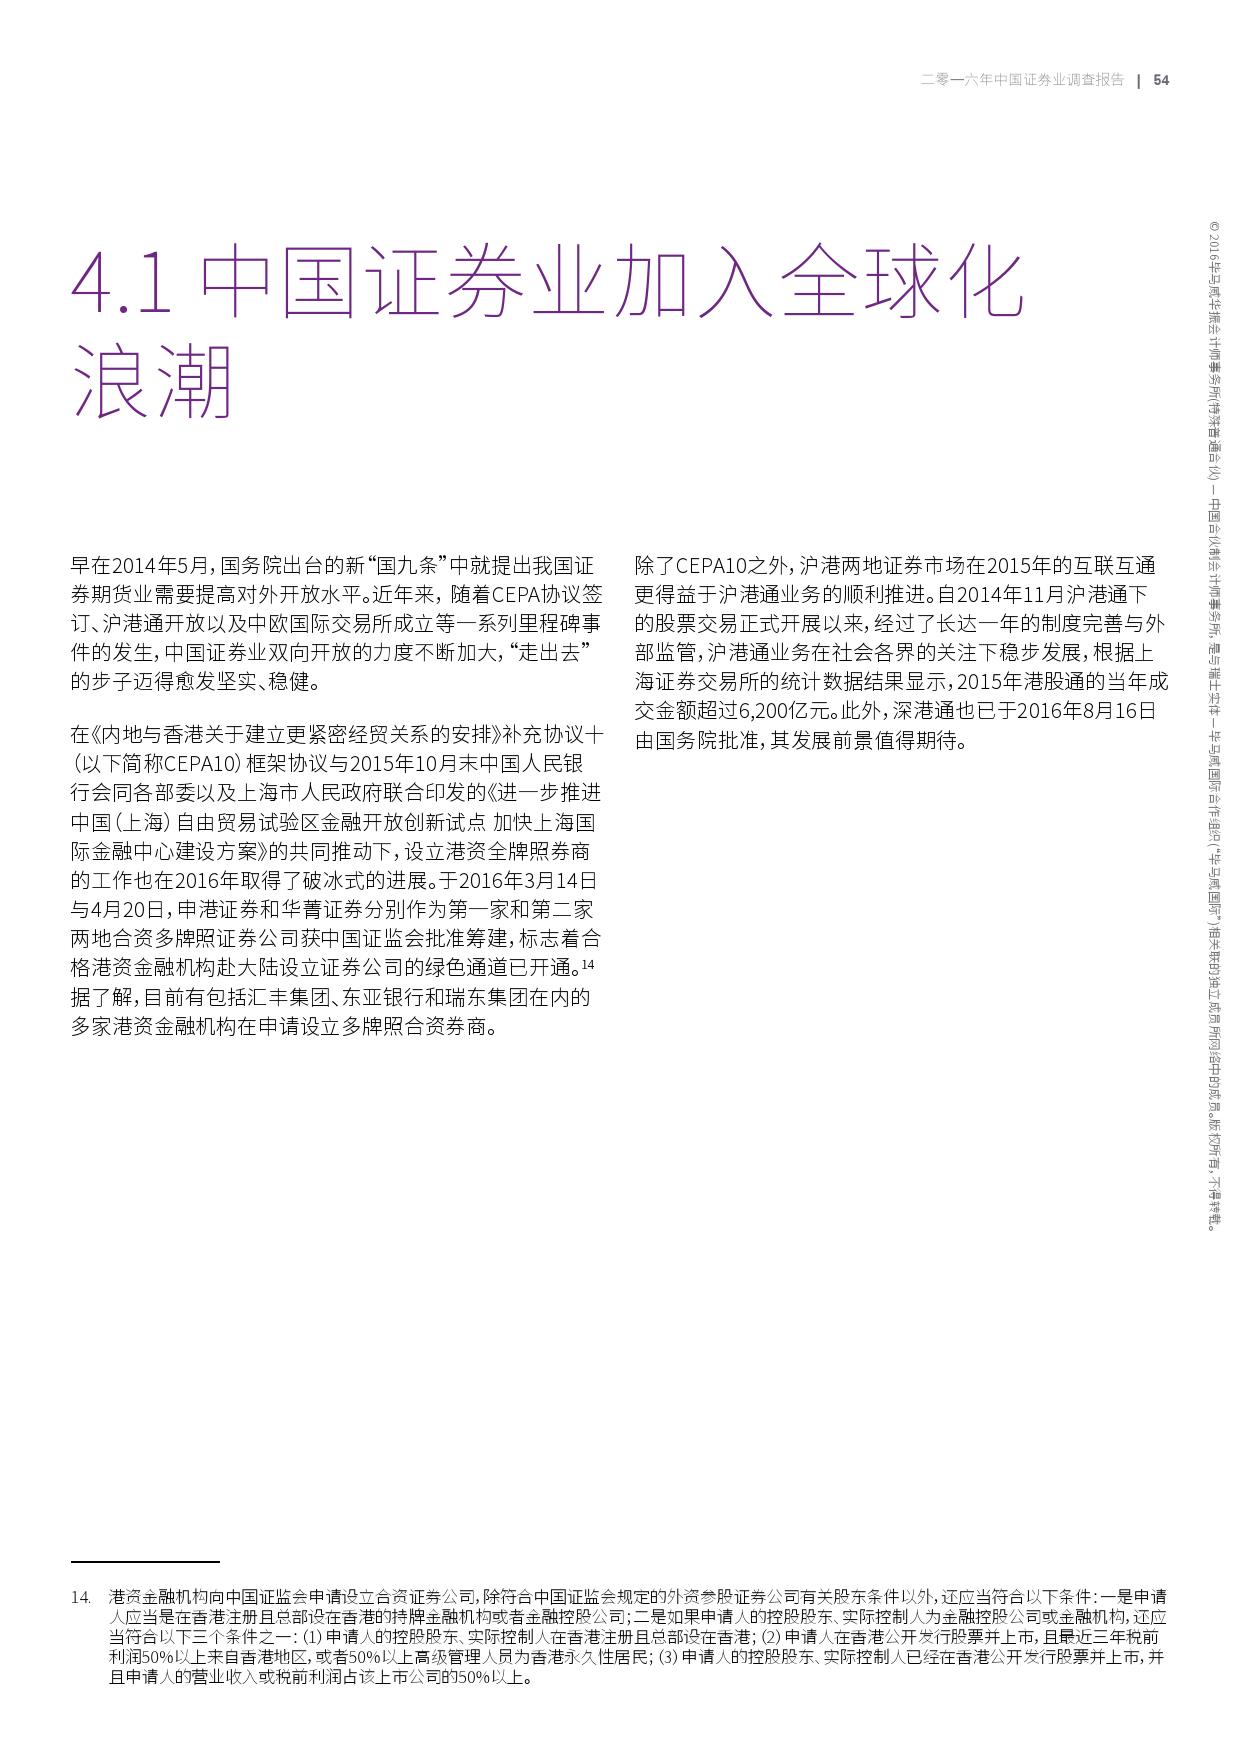 2016年中国证券业调查报告_000057